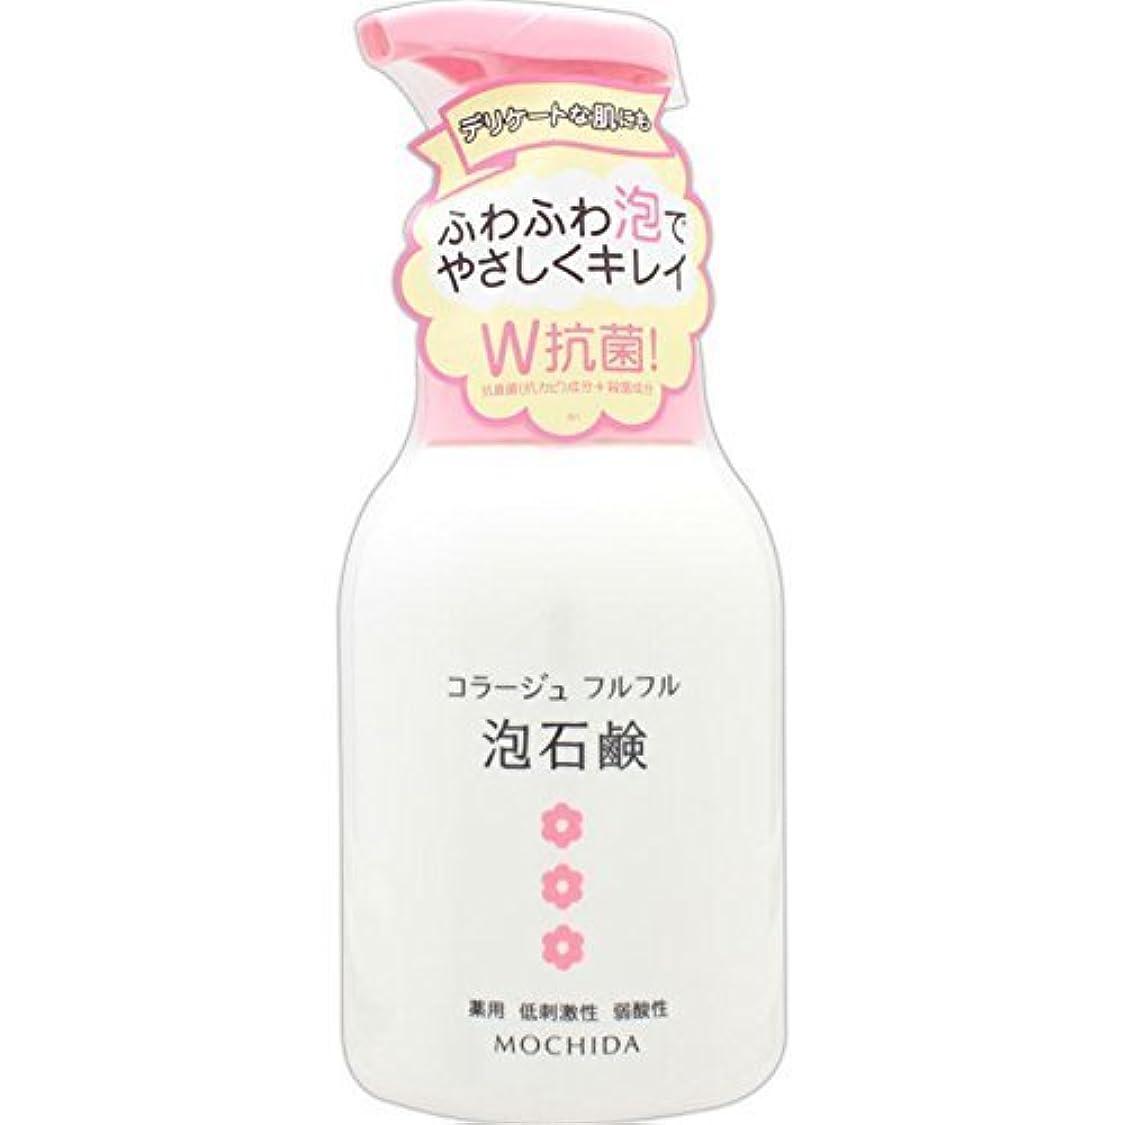 マッサージ起こりやすい連帯コラージュフルフル 泡石鹸 ピンク 300m L (医薬部外品) ×4